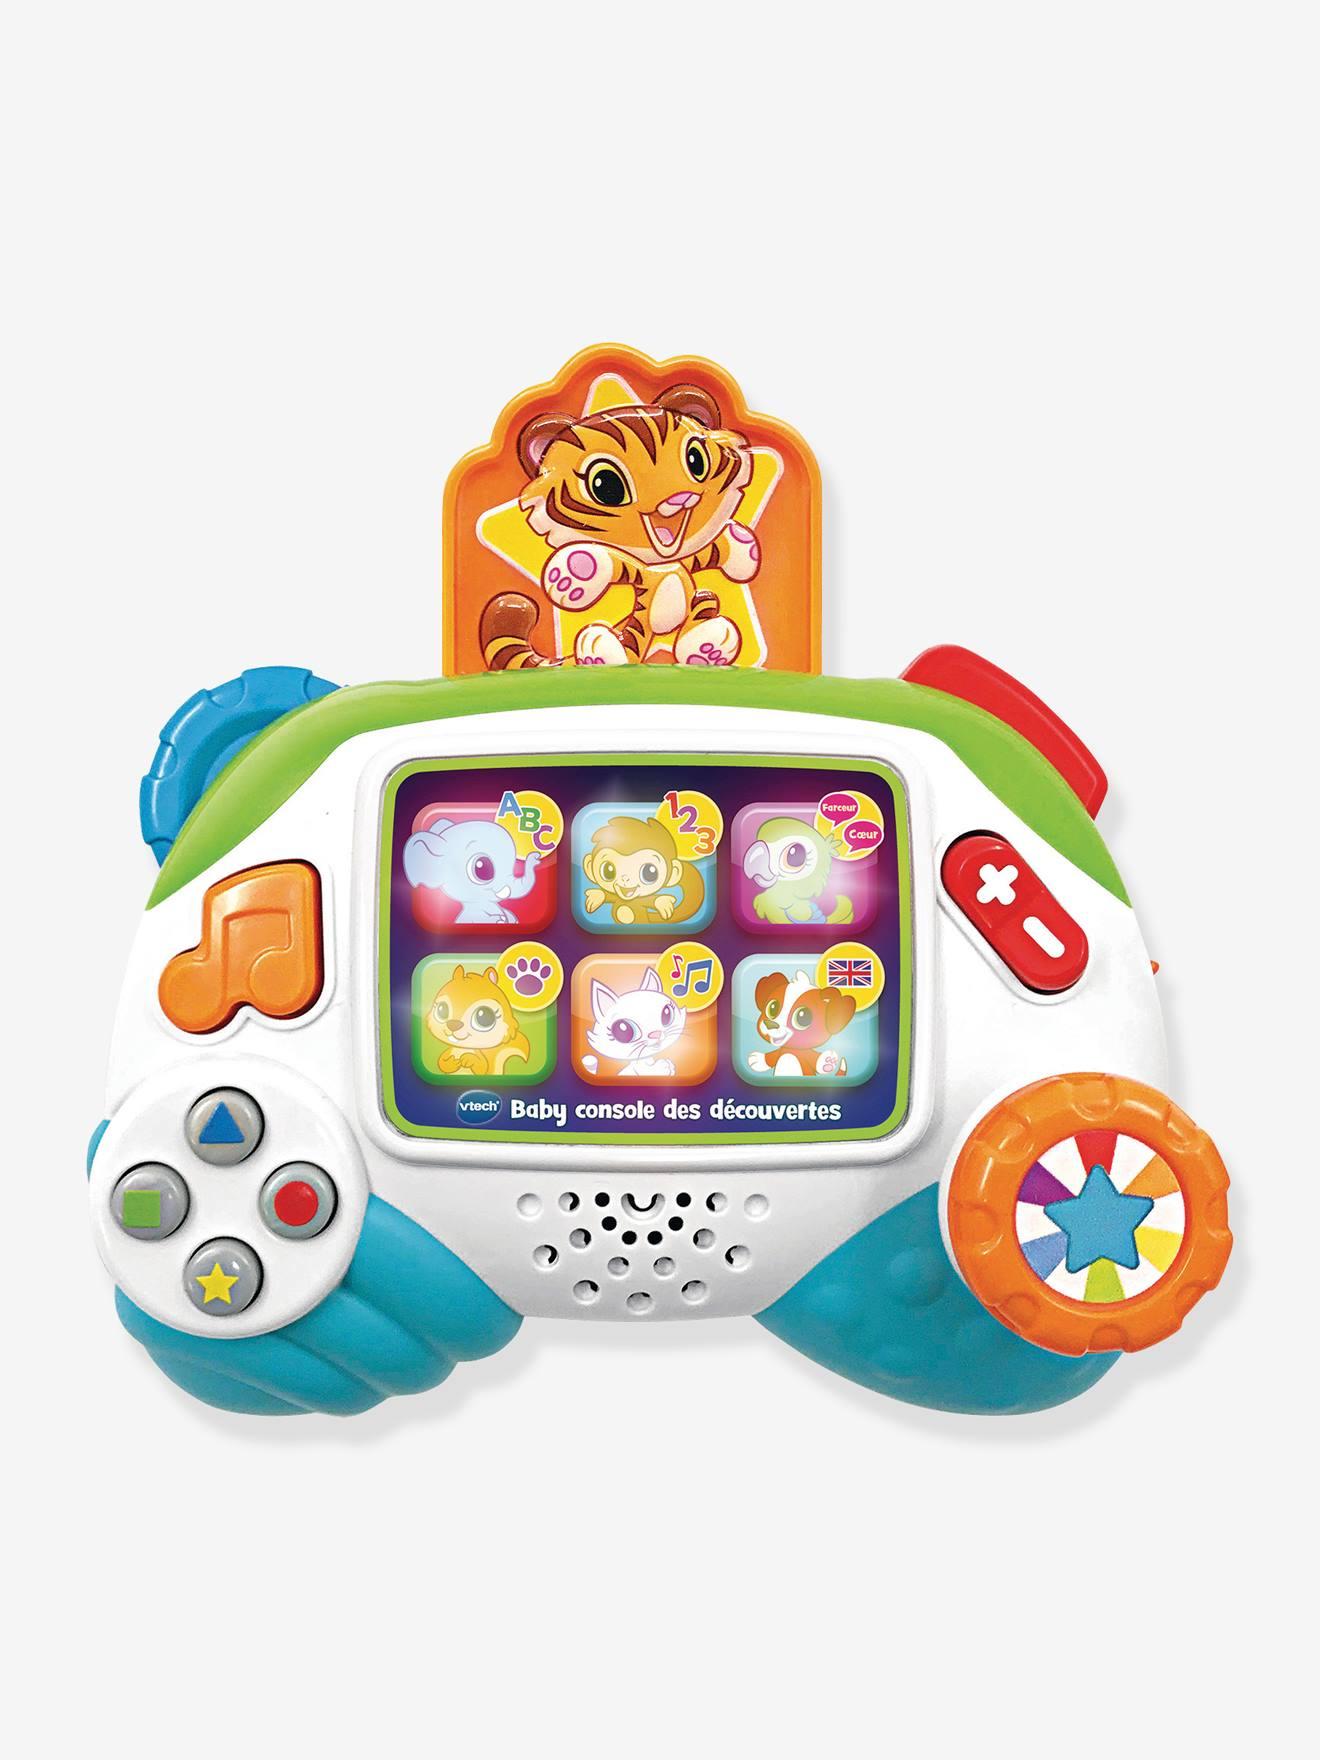 Baby console des découvertes VTECH multicolore